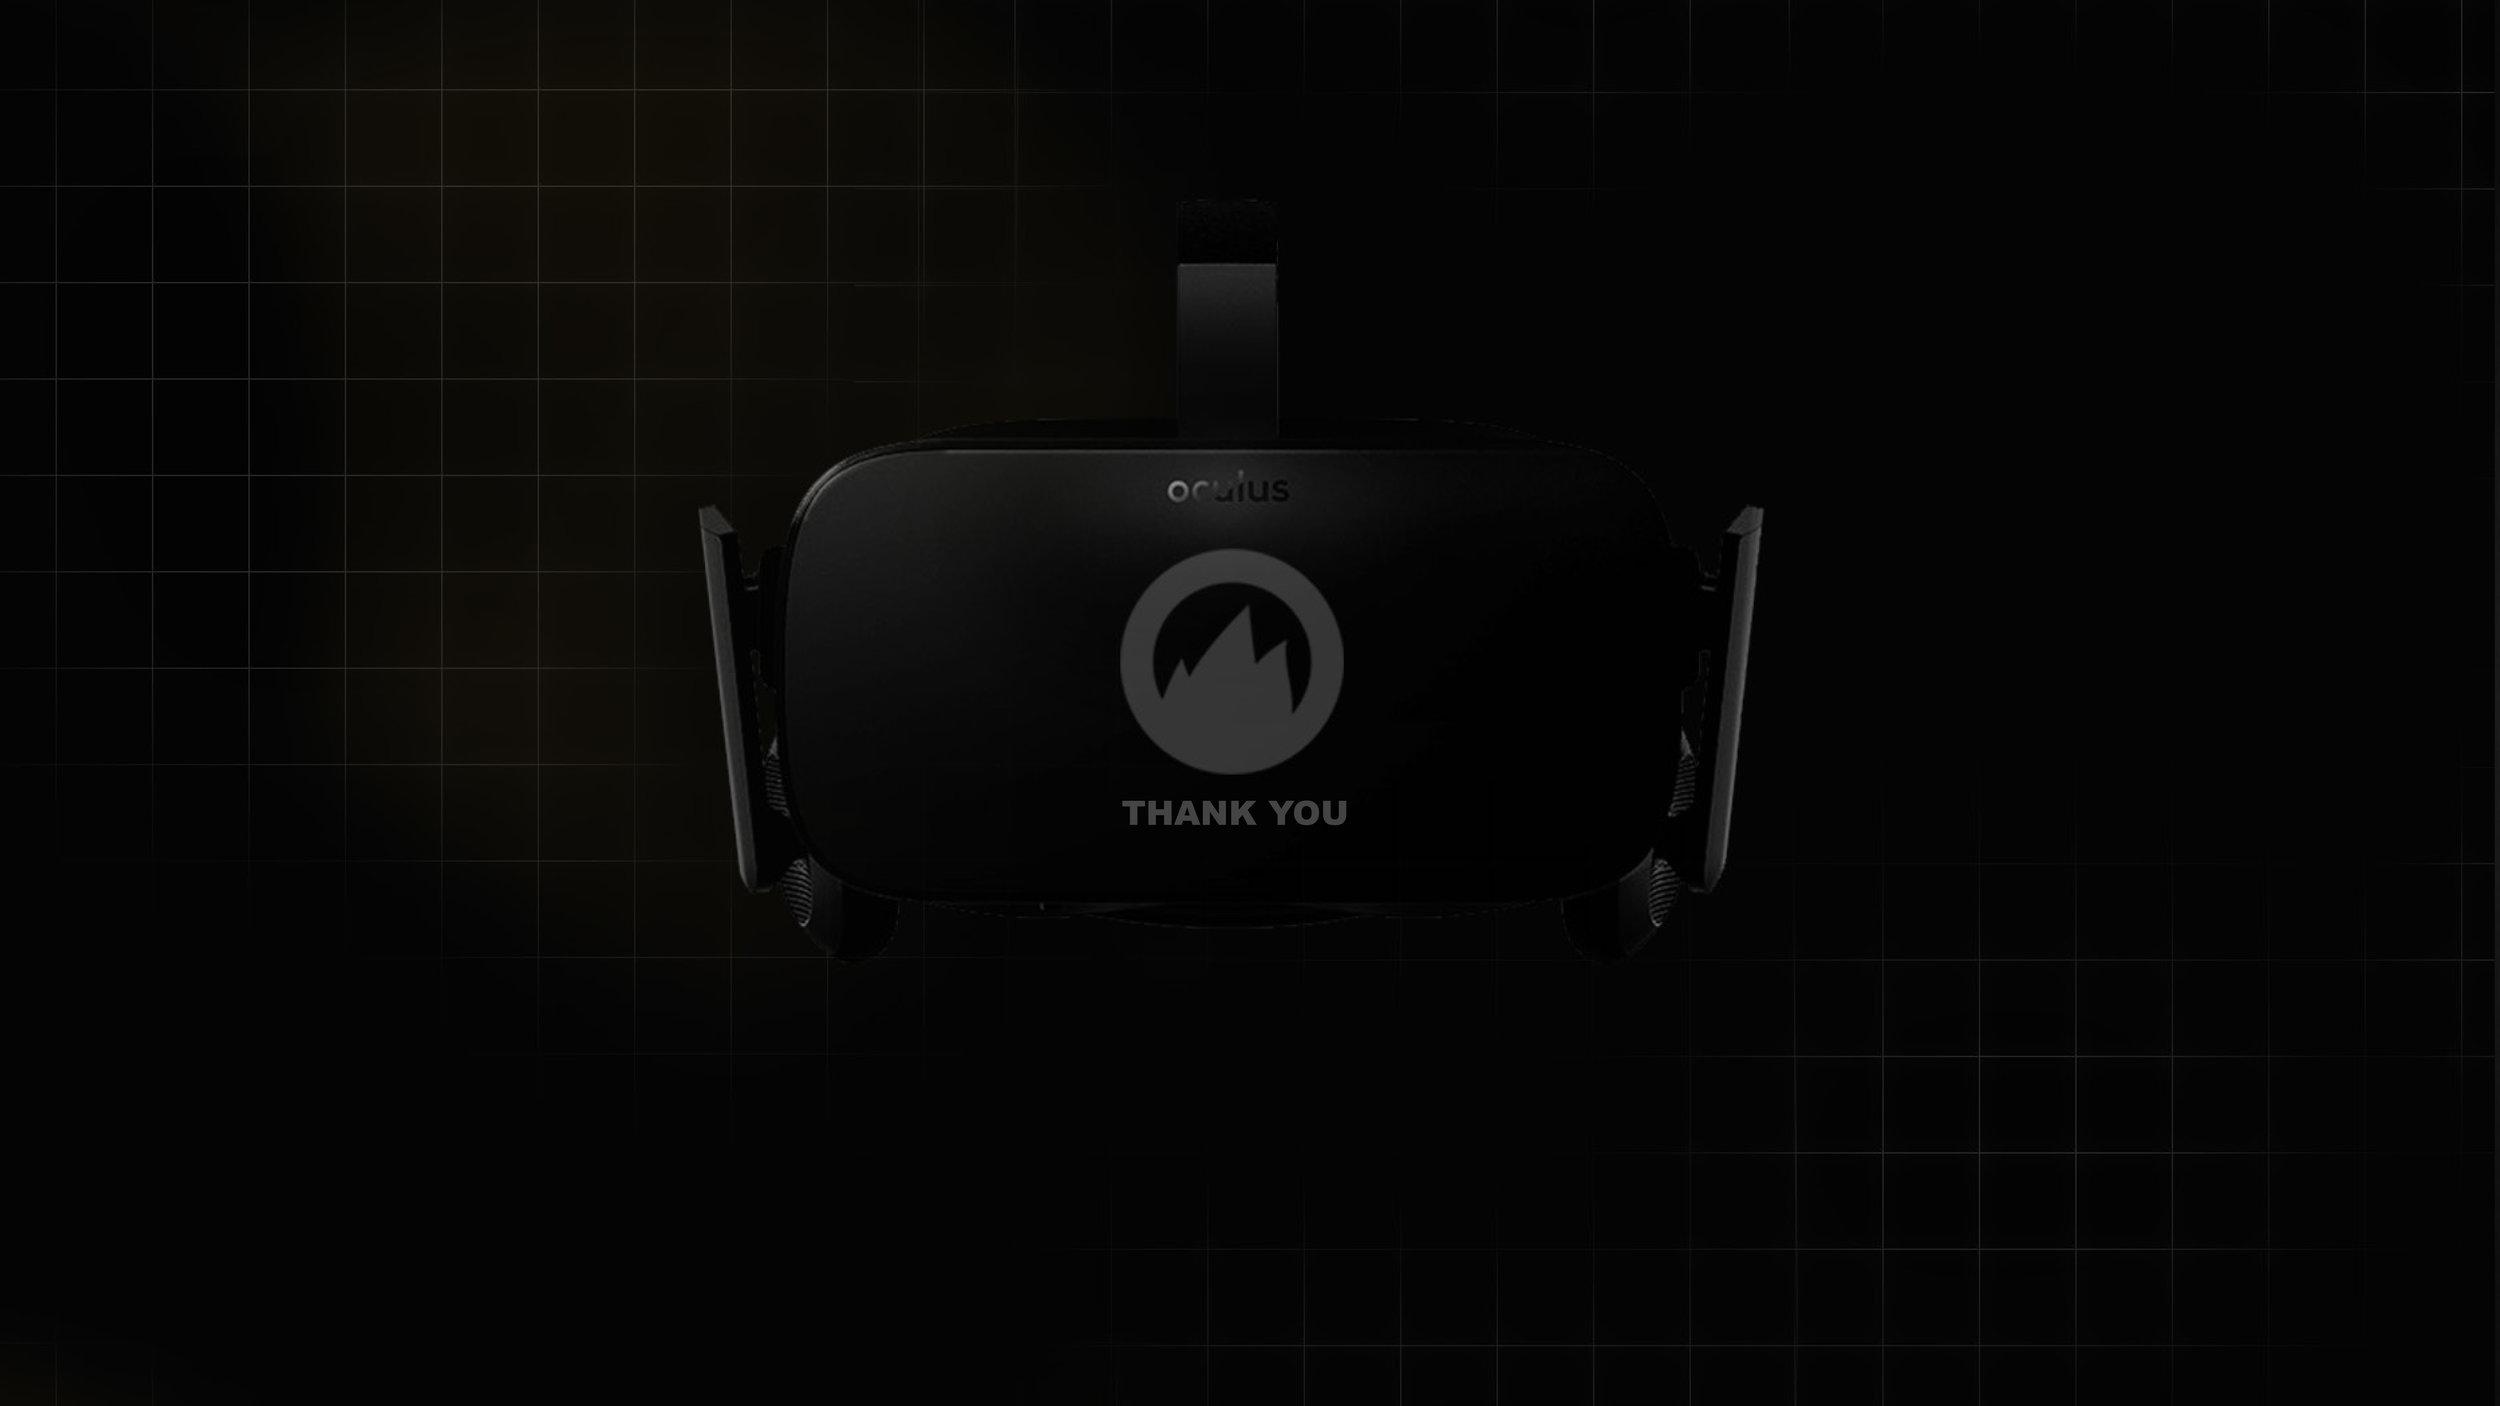 RFX_Oculus_GlobeVR_Concepts_v1_20160629-12.jpg